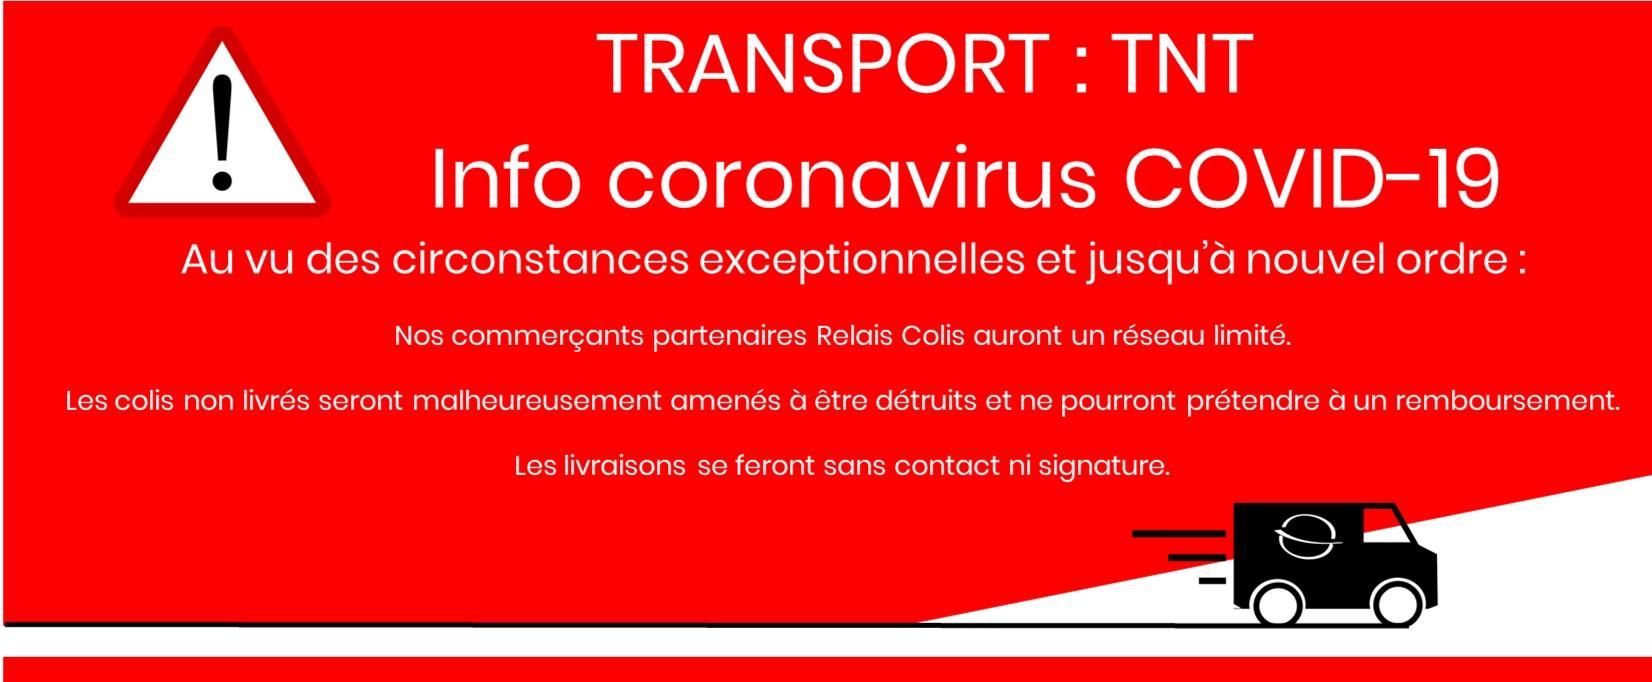 Attention TNT relais colis